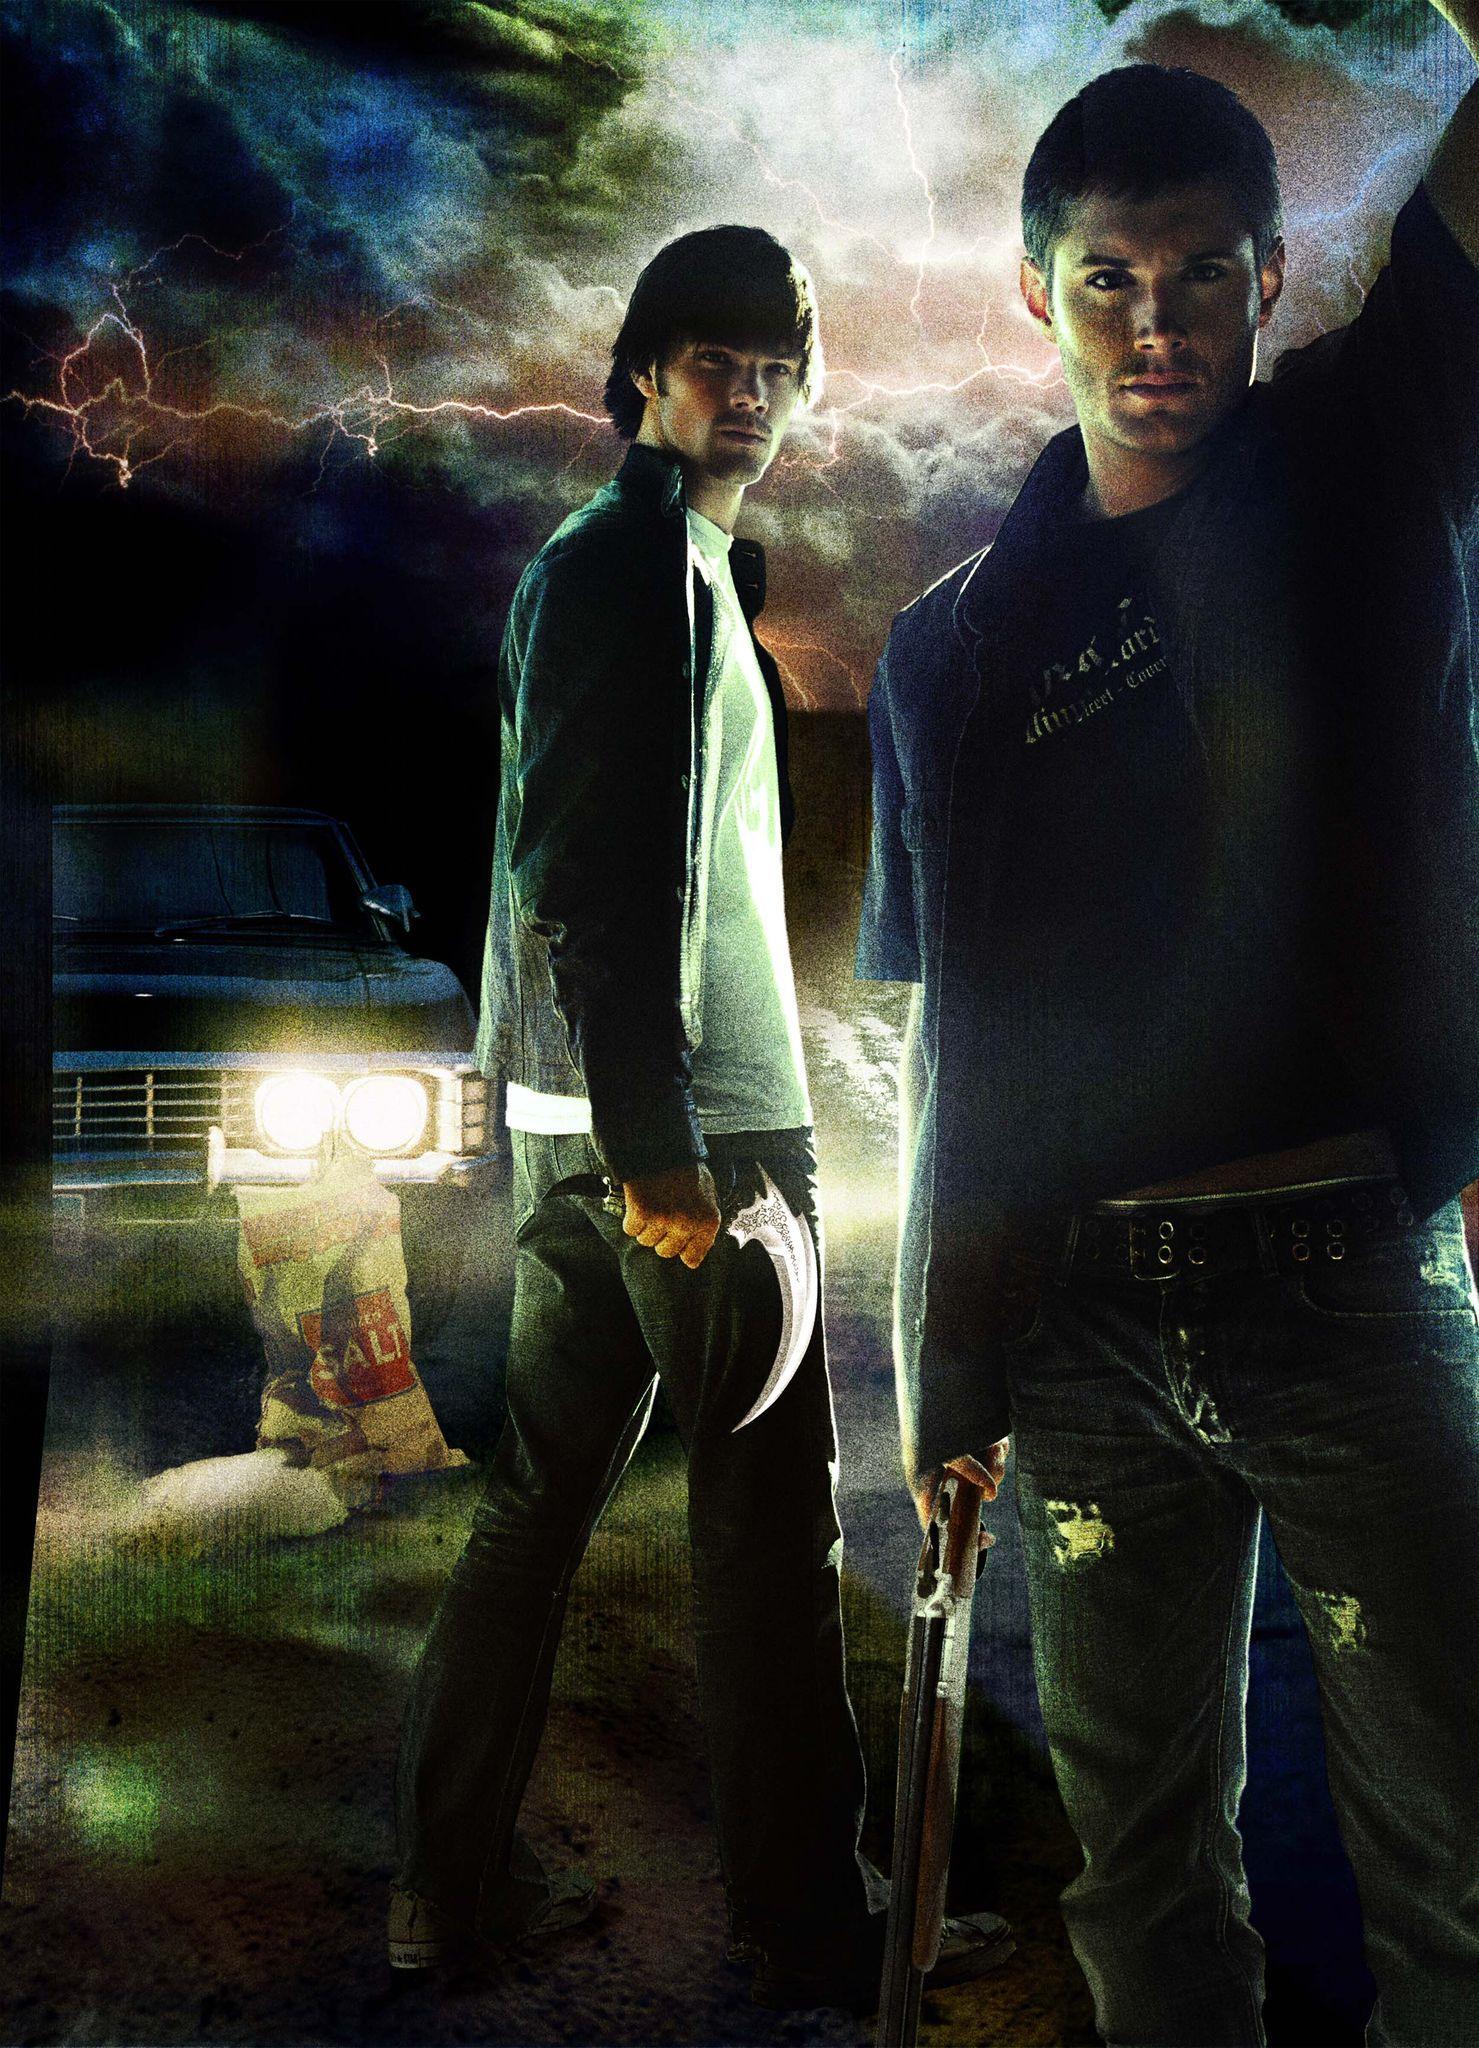 Αποτέλεσμα εικόνας για supernatural season 1 poster